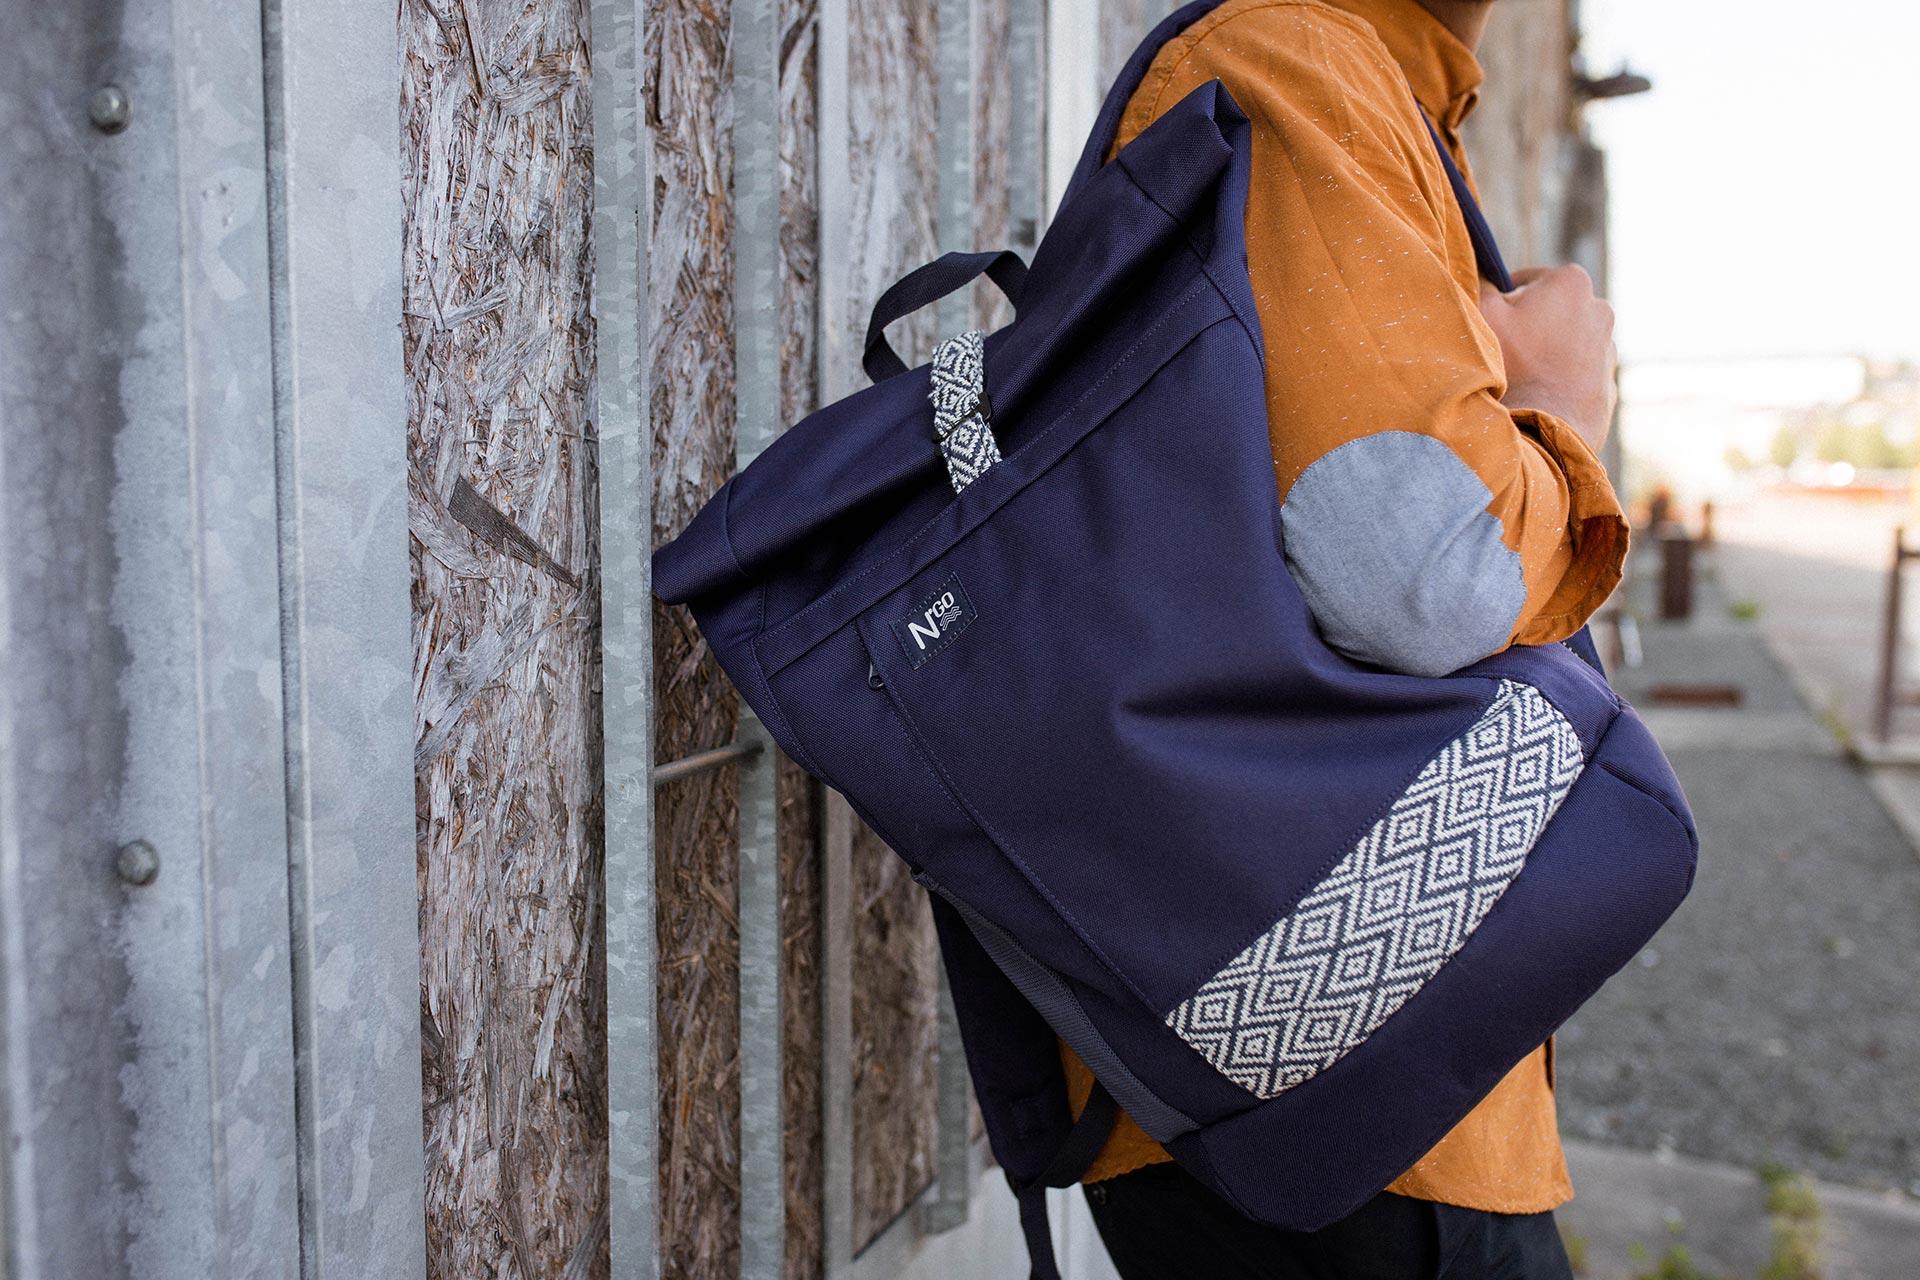 antoine-cornou-ngo-backpack-bleu-1